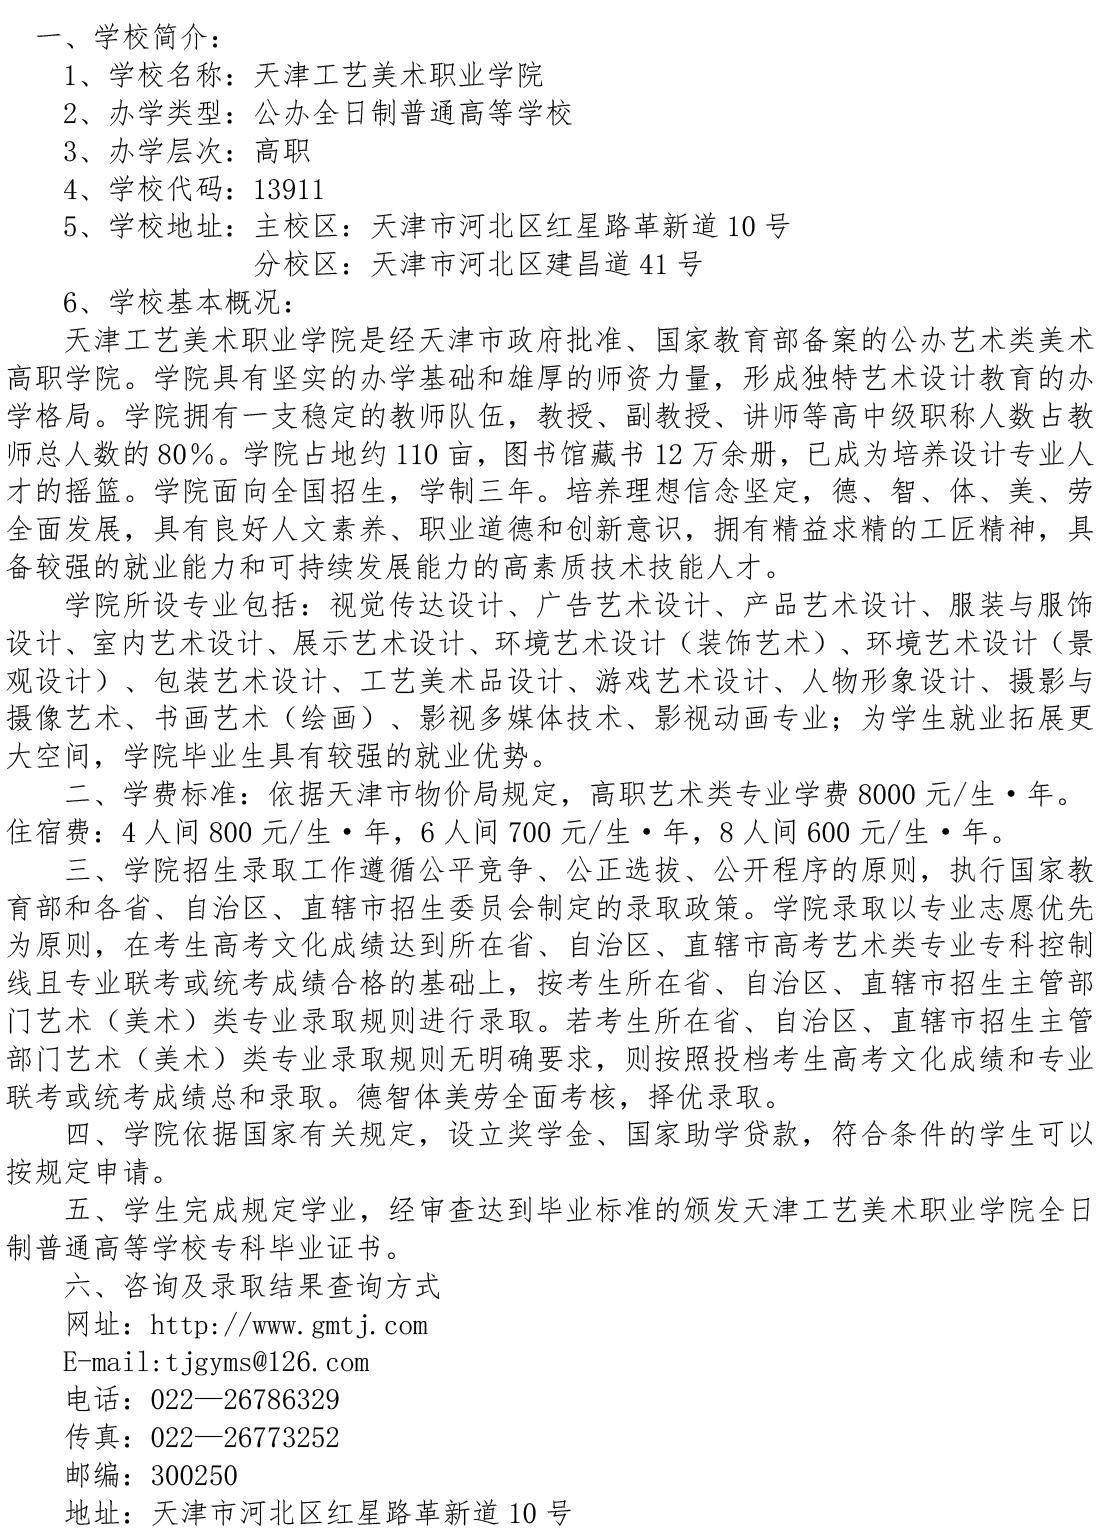 天津工艺美术职业学院2021年招生简章(宣传).jpg